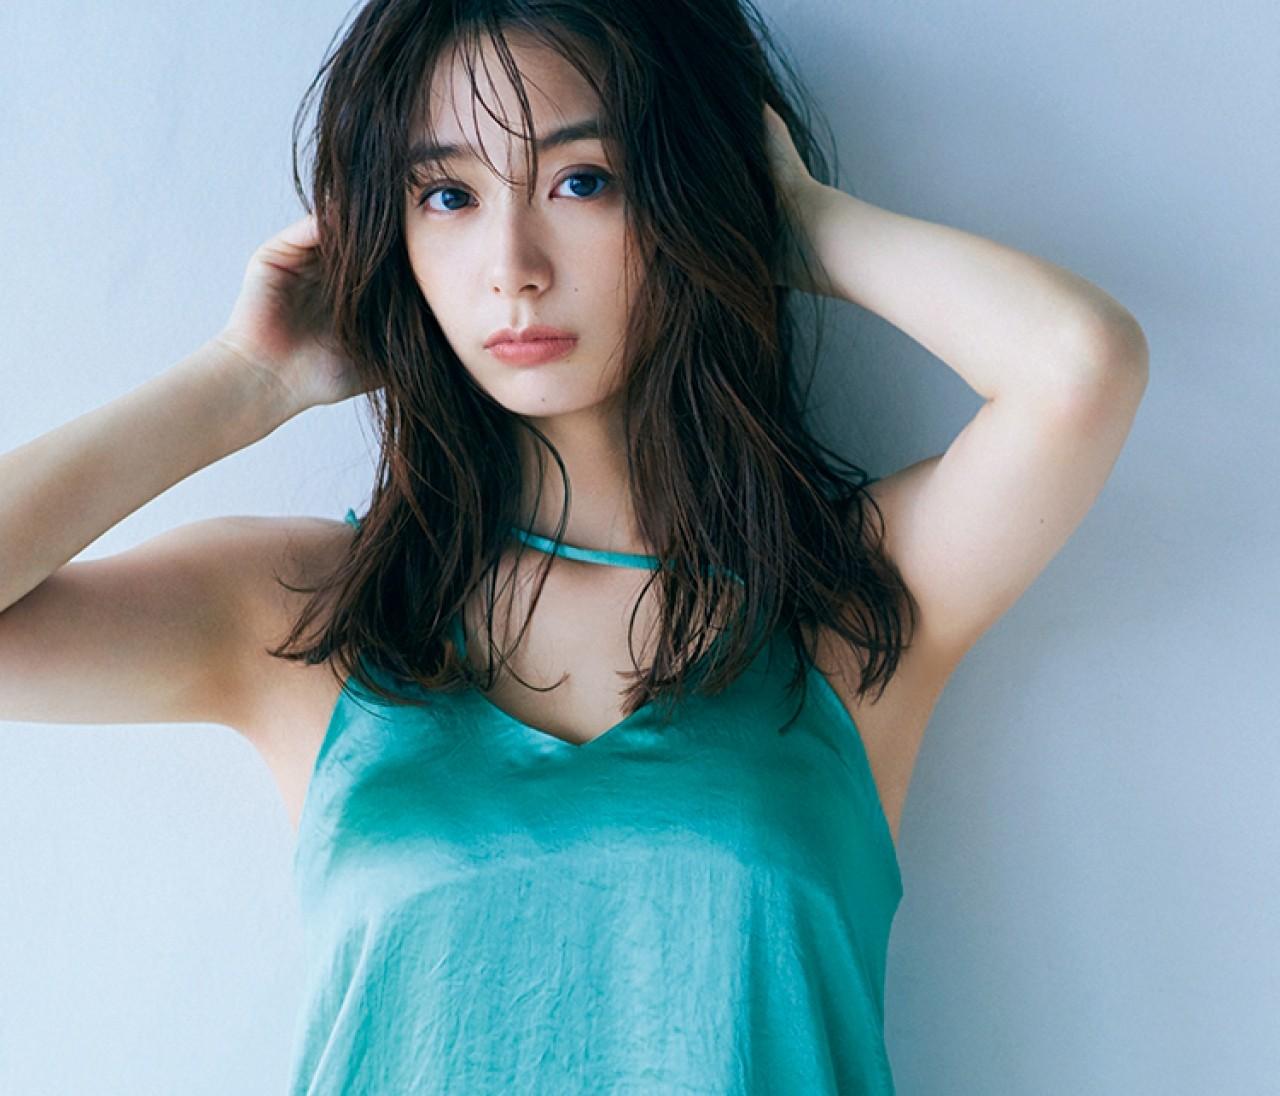 美容フリーク・宇垣美里さんが実践しているヘルスケアとは?